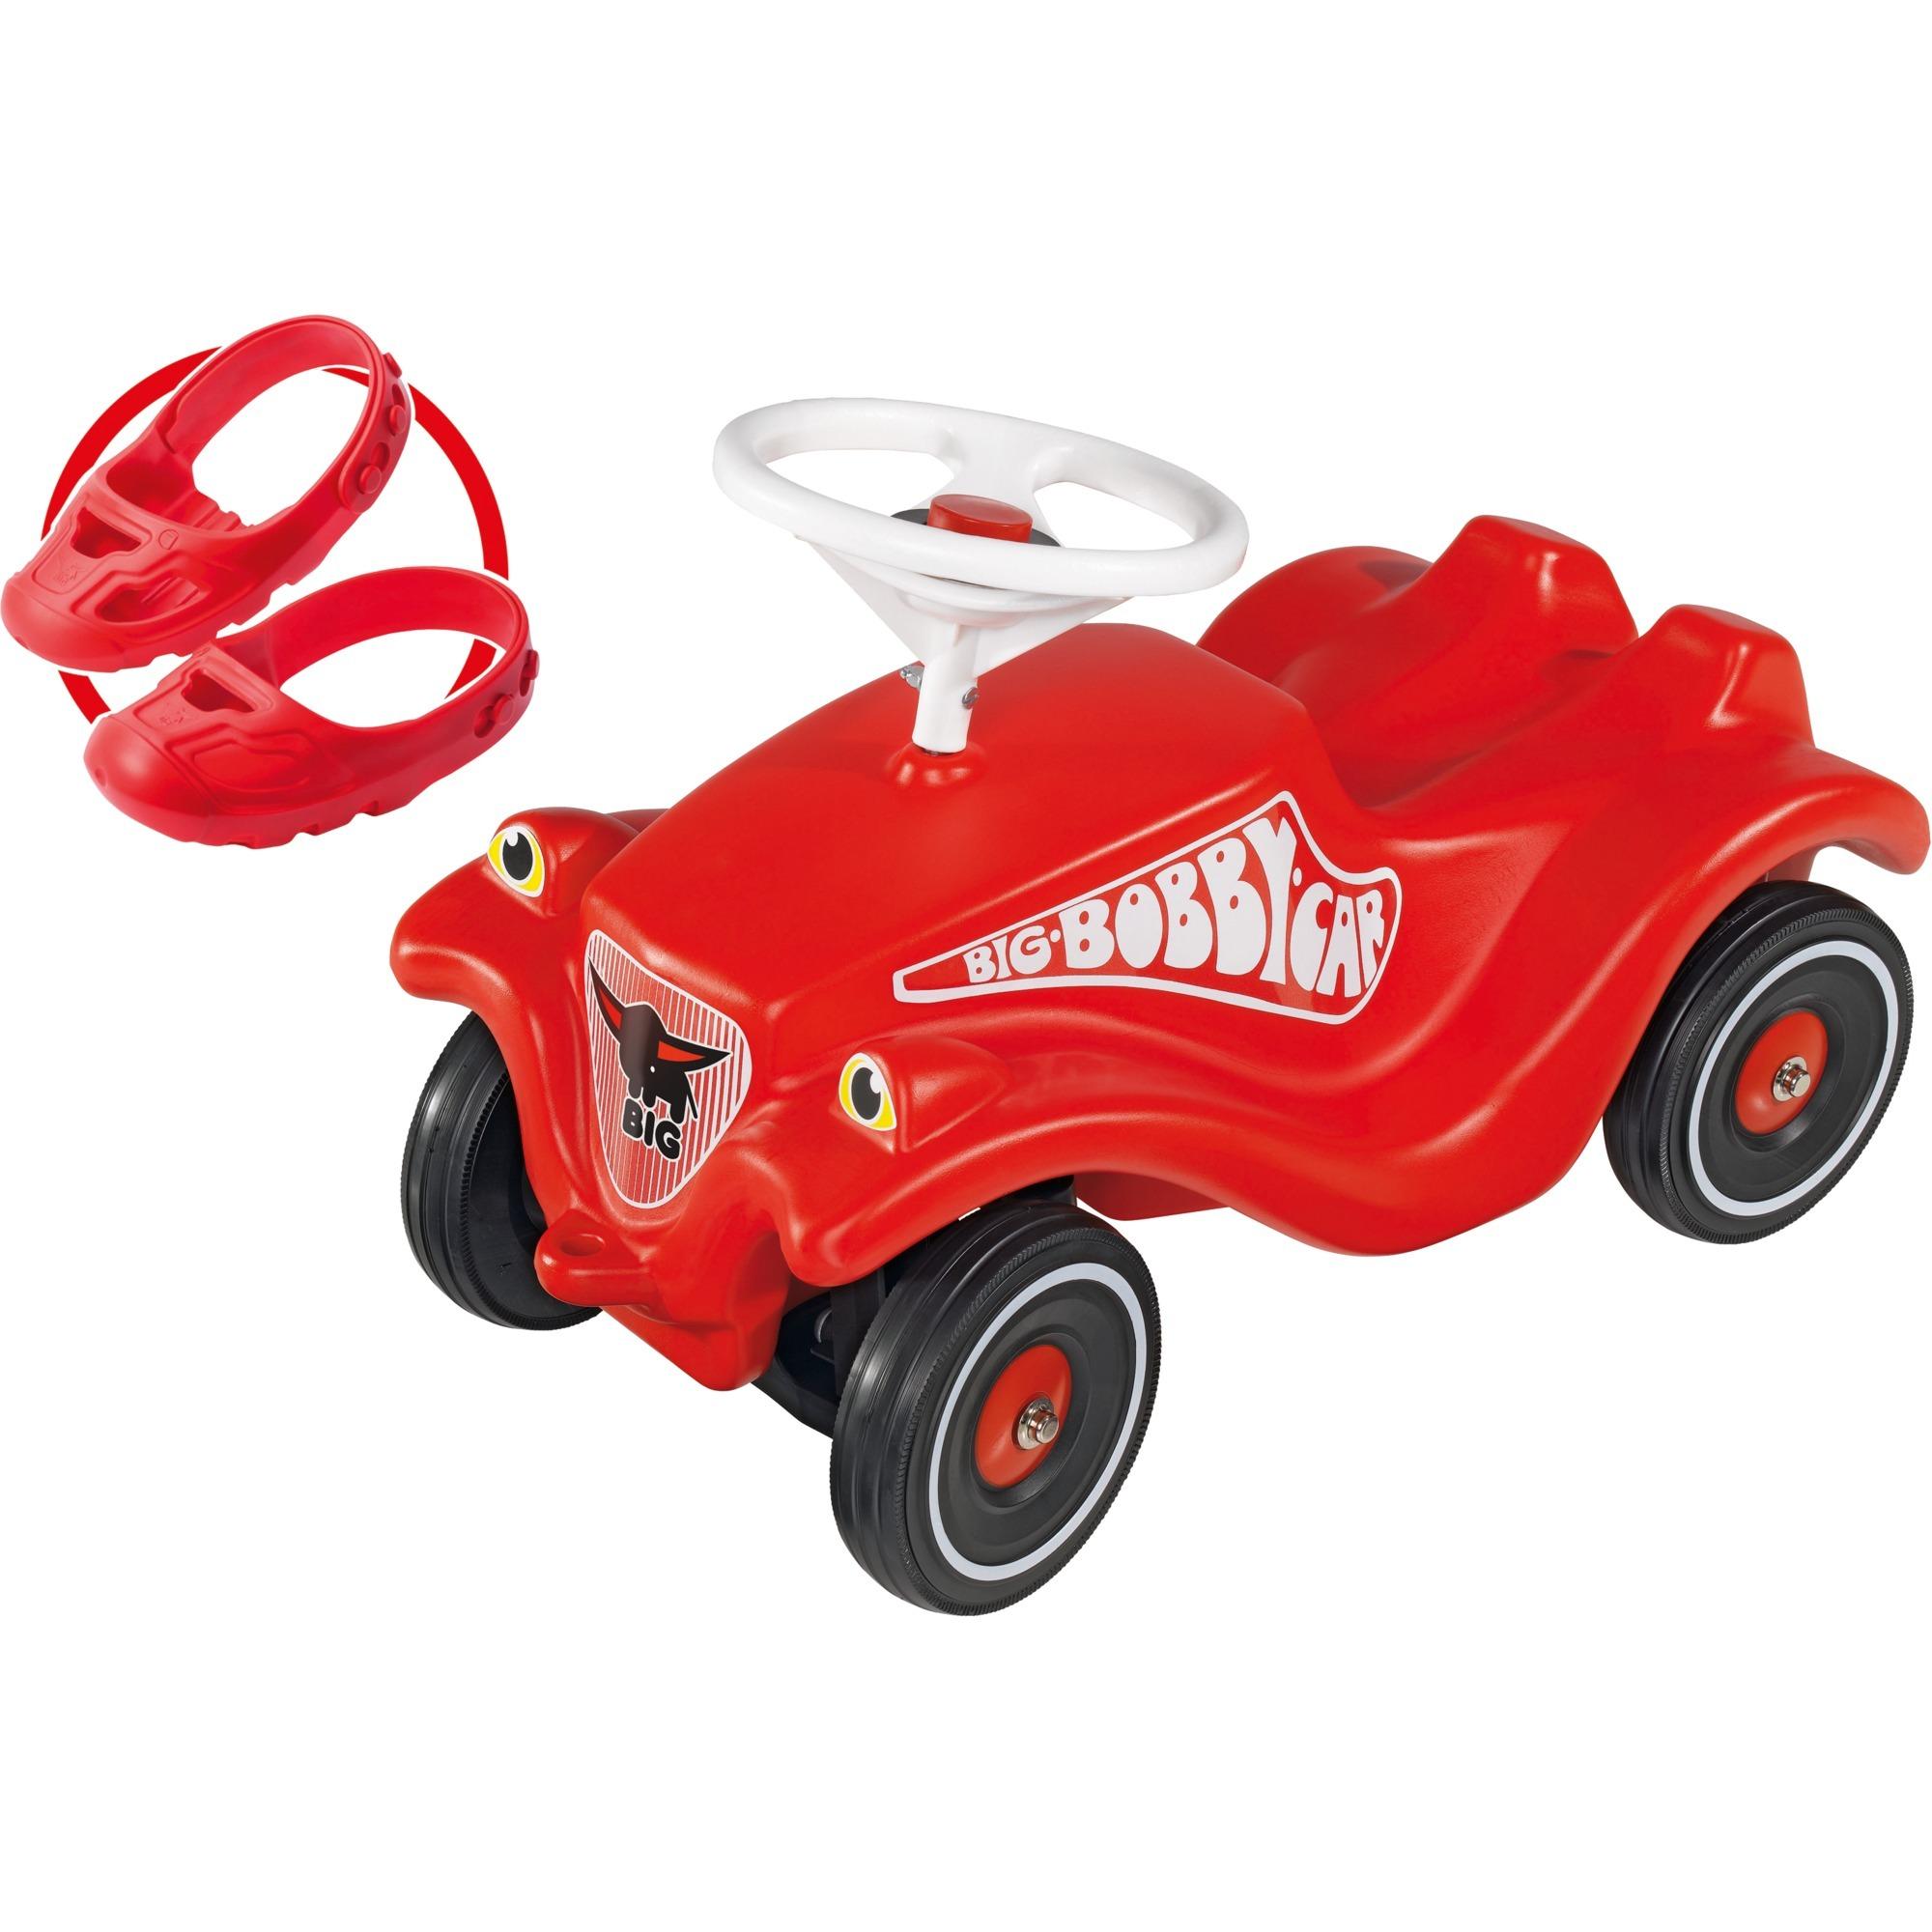 800056106, Automóvil de juguete